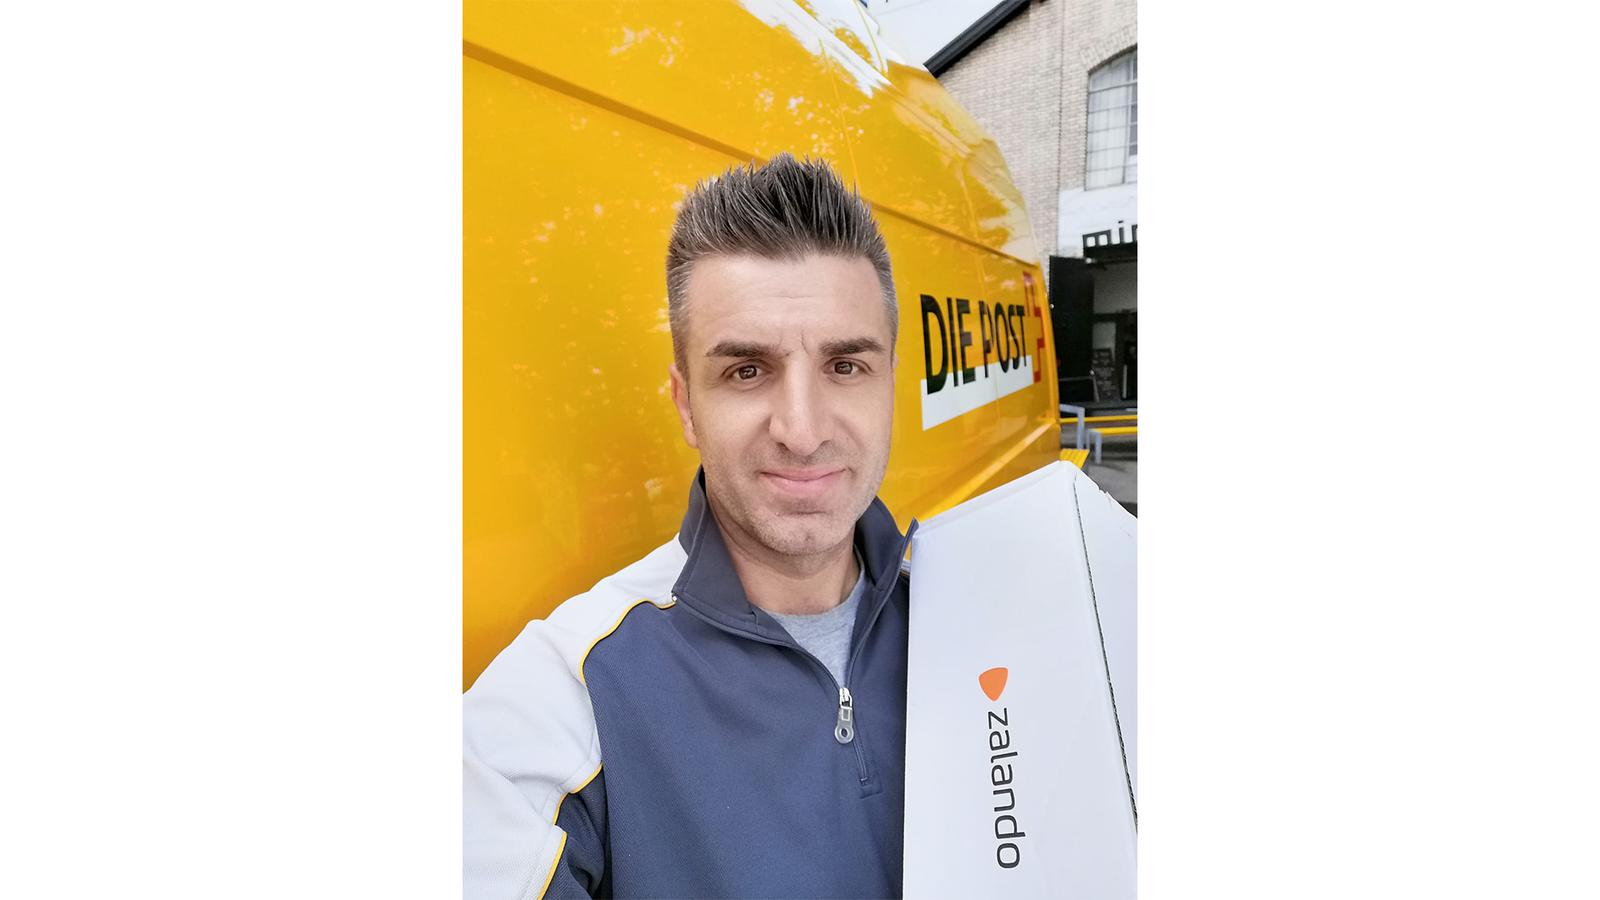 Goran arbeitet als Päcklizusteller bei der Post. (© Radio 24)